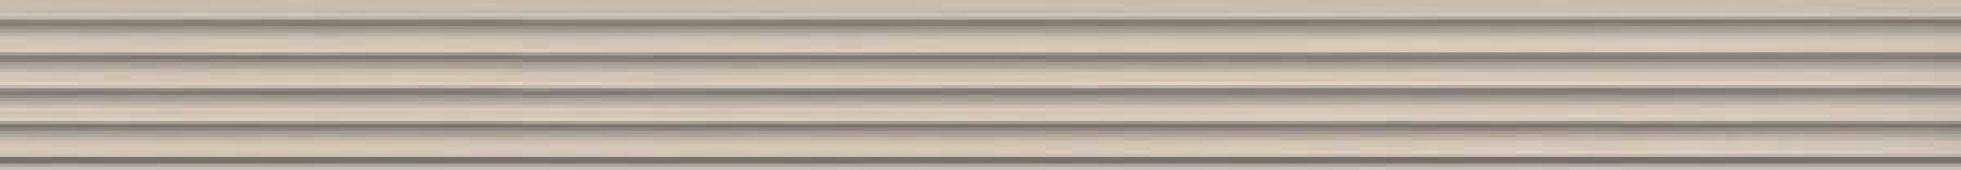 LSA016 Спига бежевый стуктура 40*3.4 бордюр